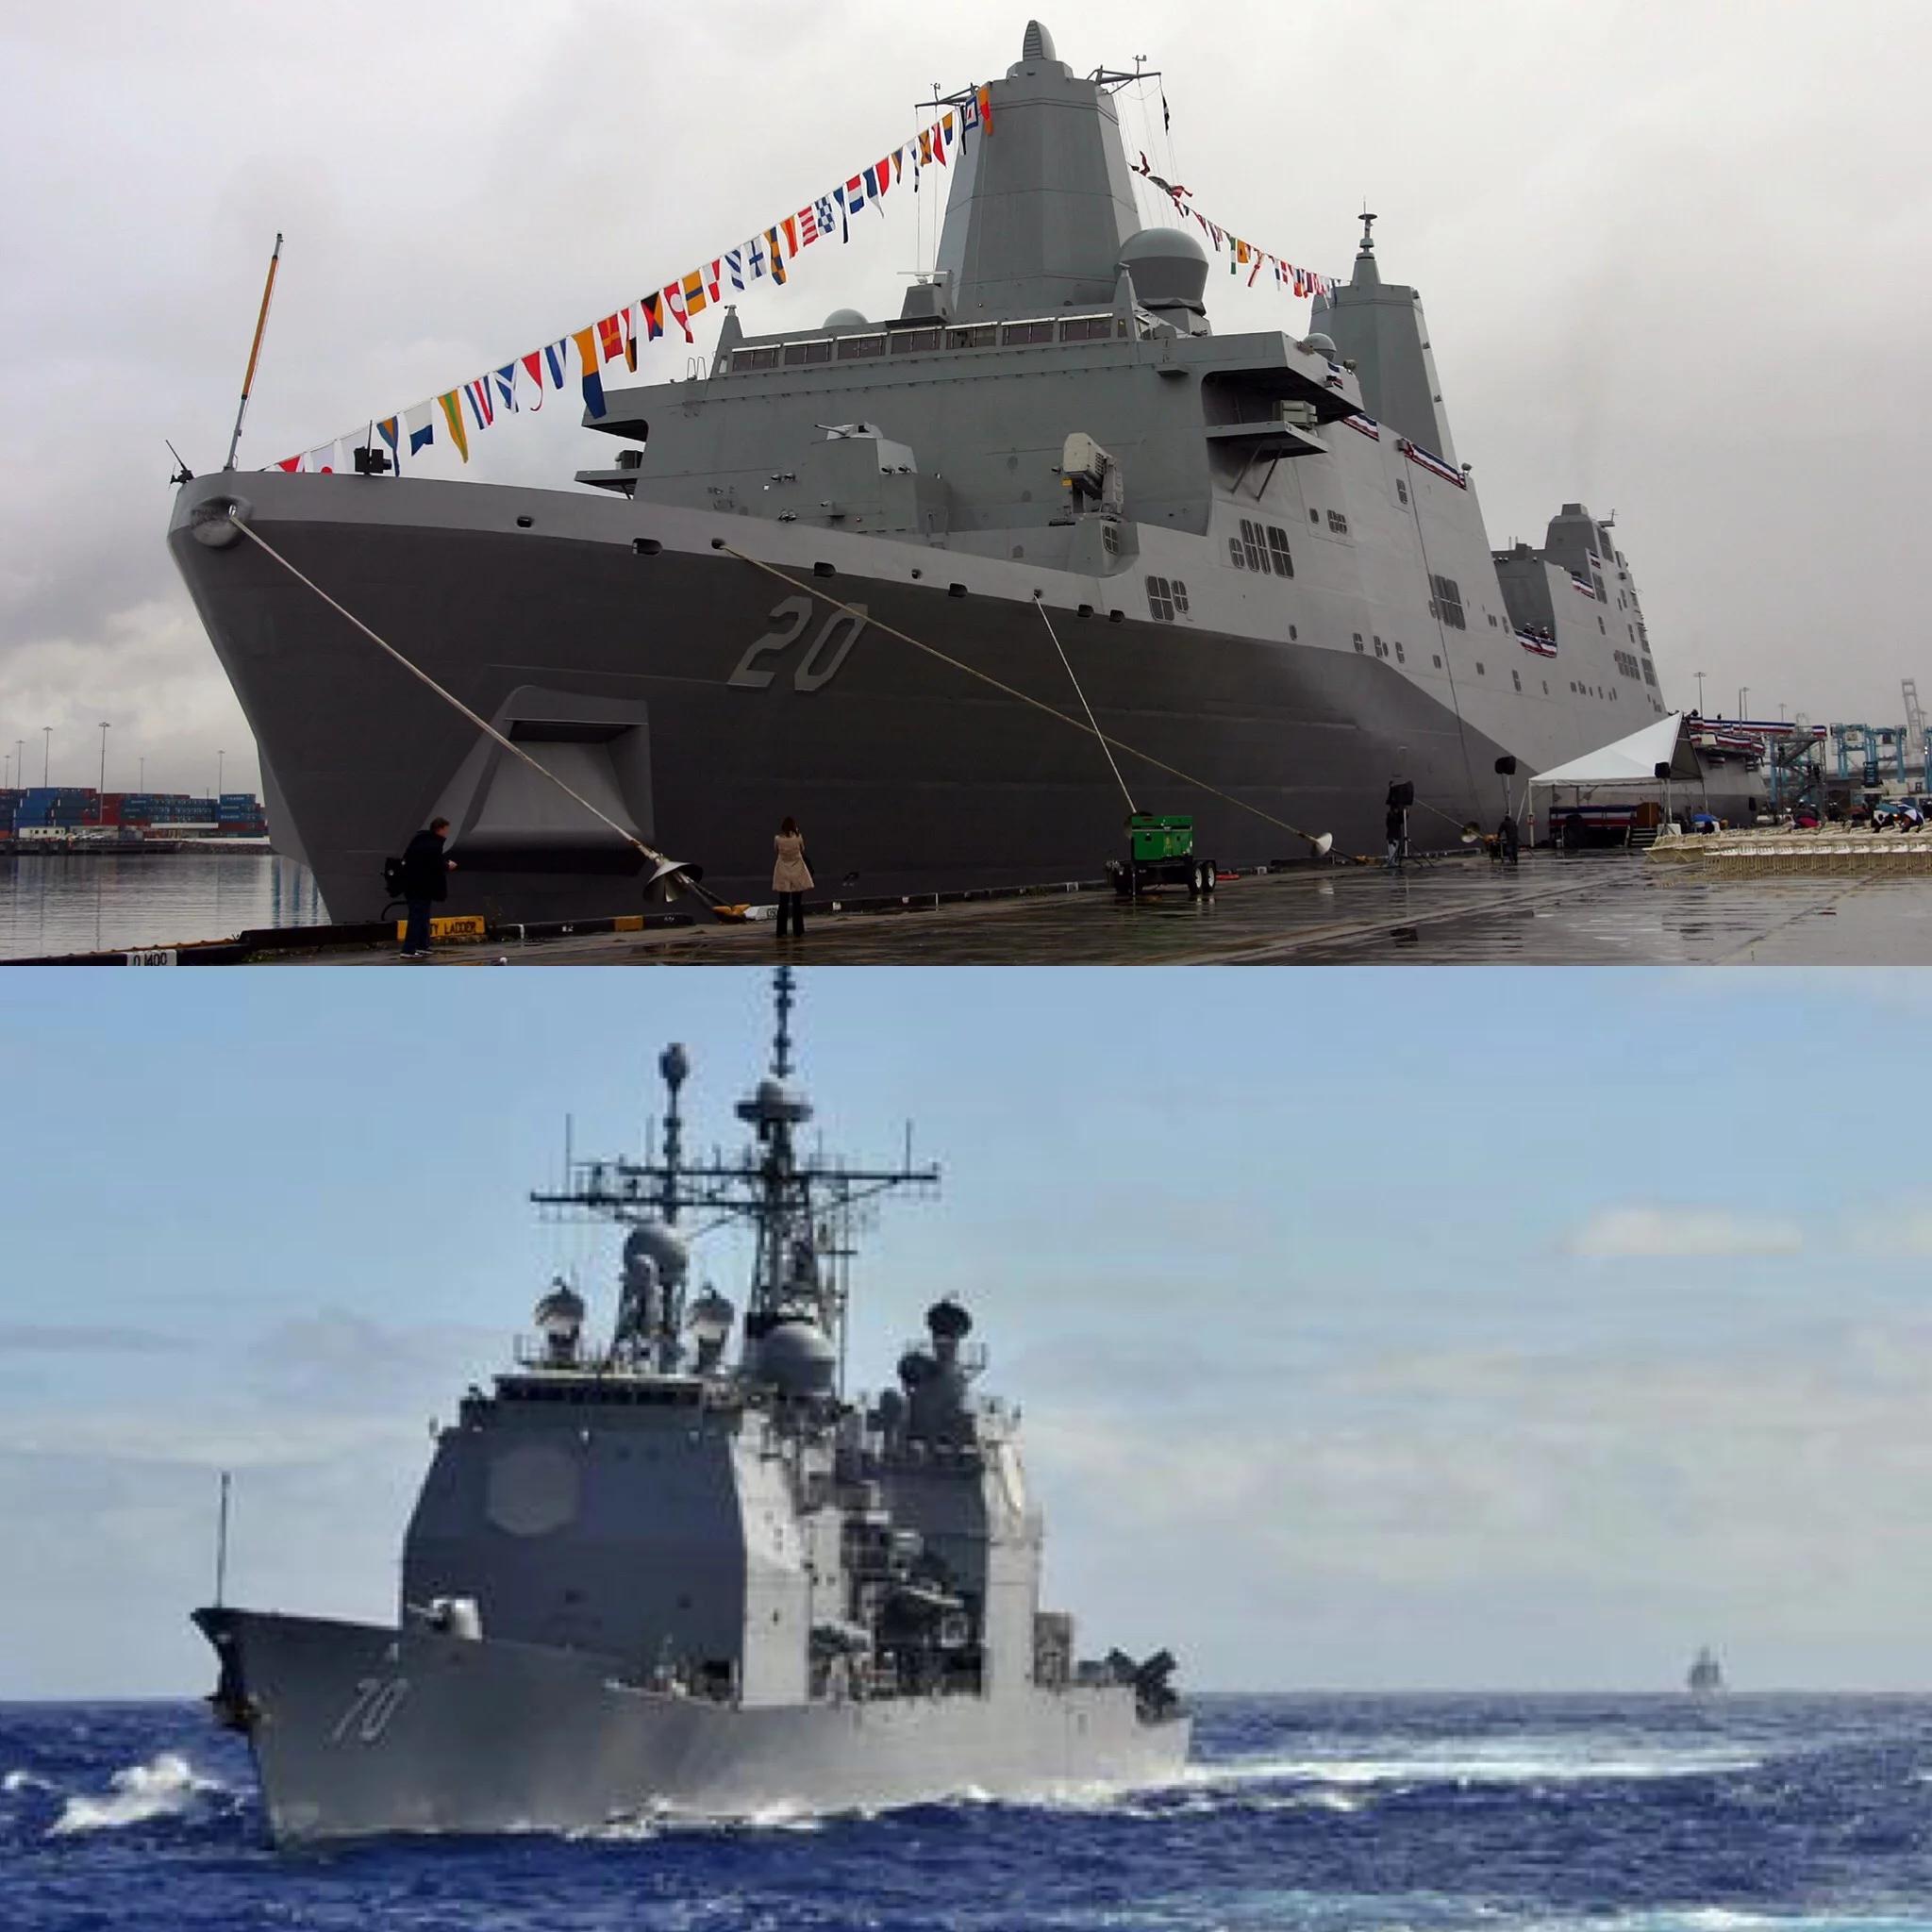 美国海军:两艘美国军舰近期访问香港被拒绝